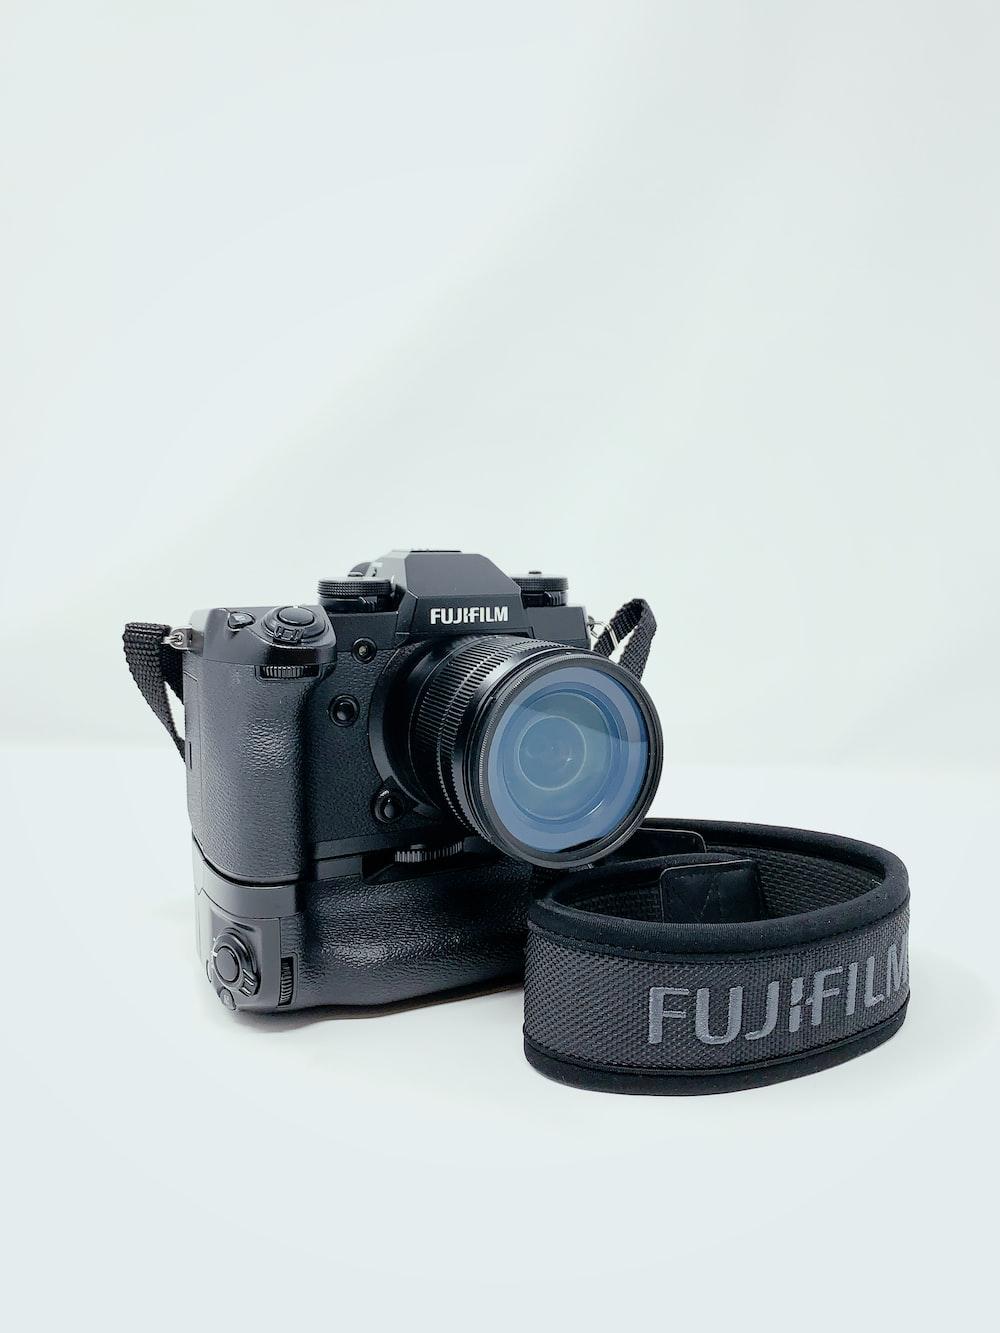 lack Fujifilm DSLR camera